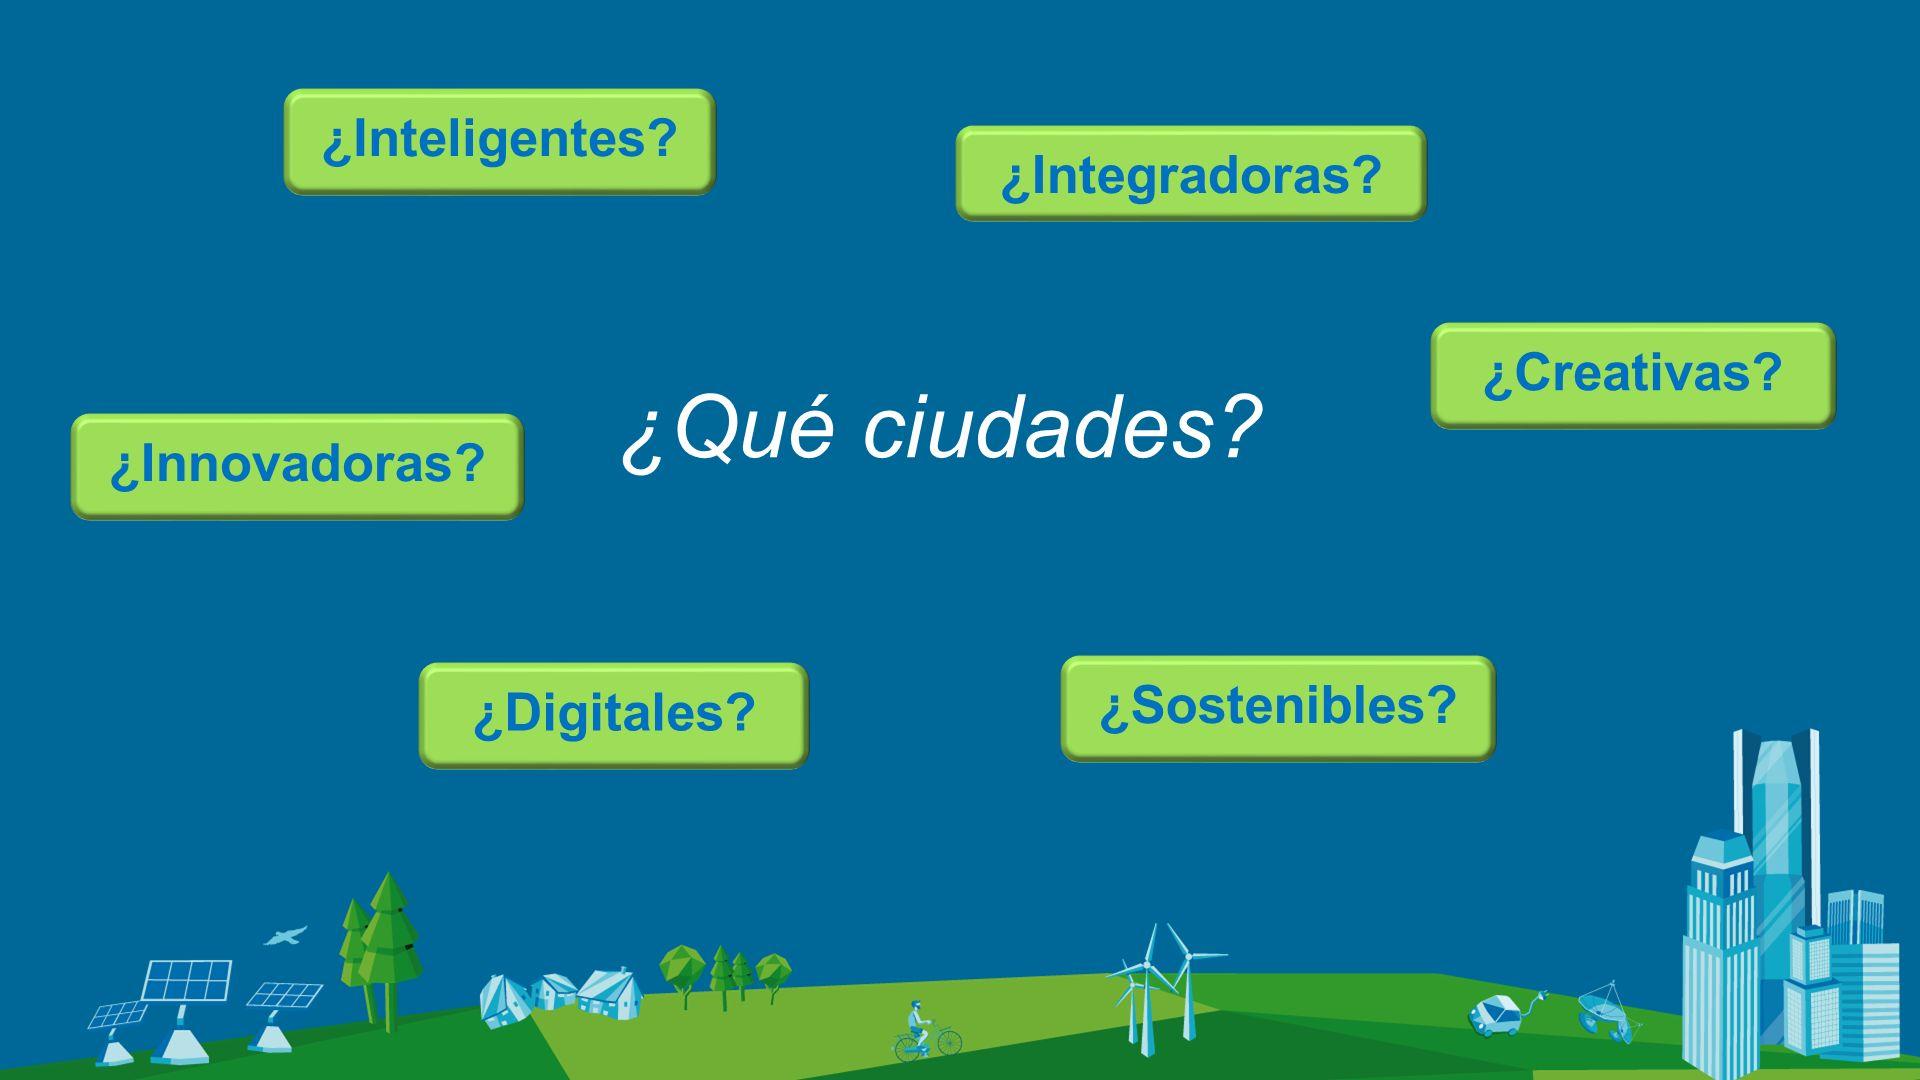 ¿Qué ciudades? ¿Inteligentes? ¿Digitales? ¿Integradoras? ¿Creativas? ¿Innovadoras? ¿Sostenibles?